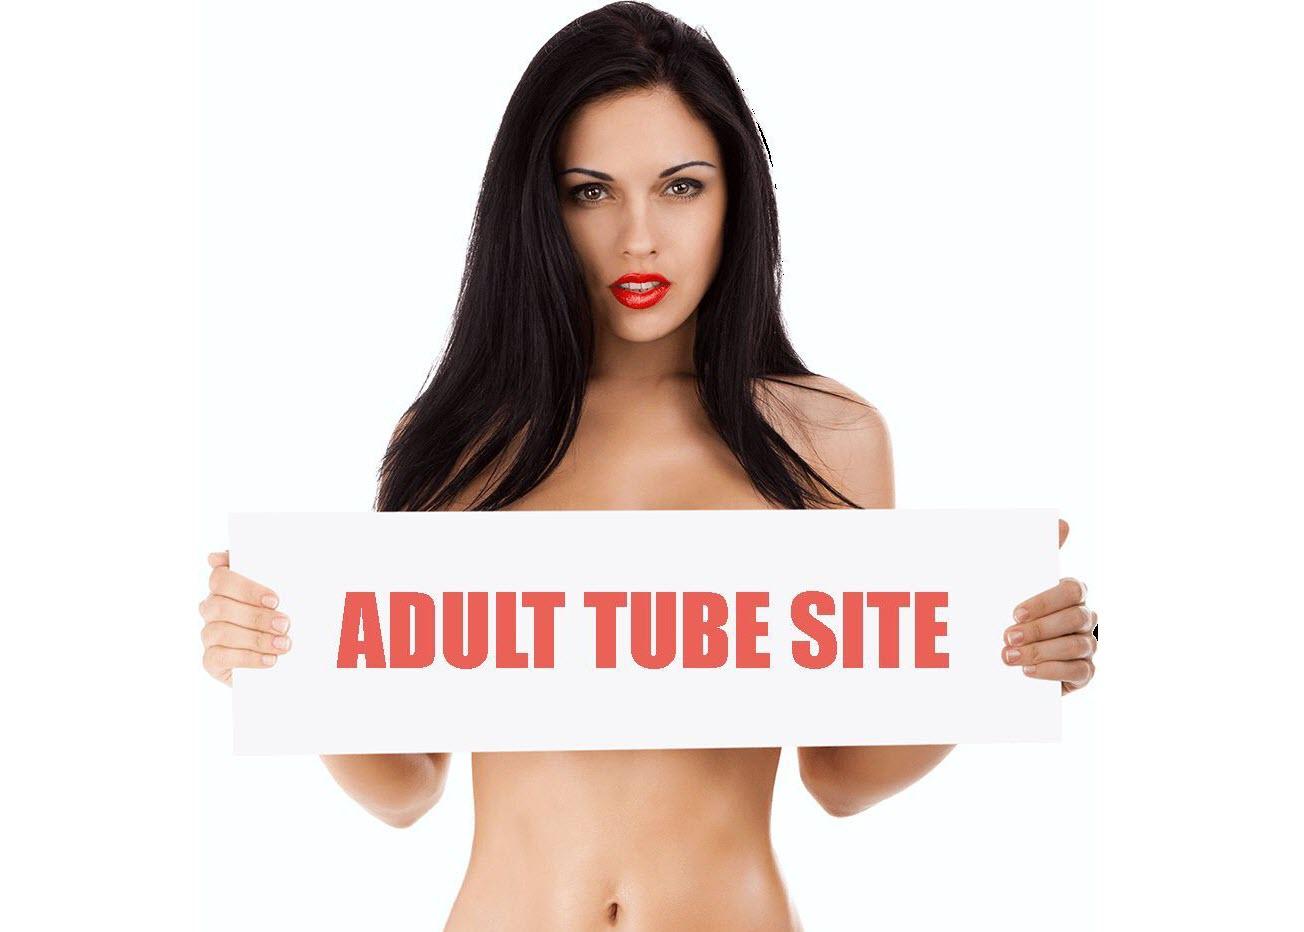 Porn site guide